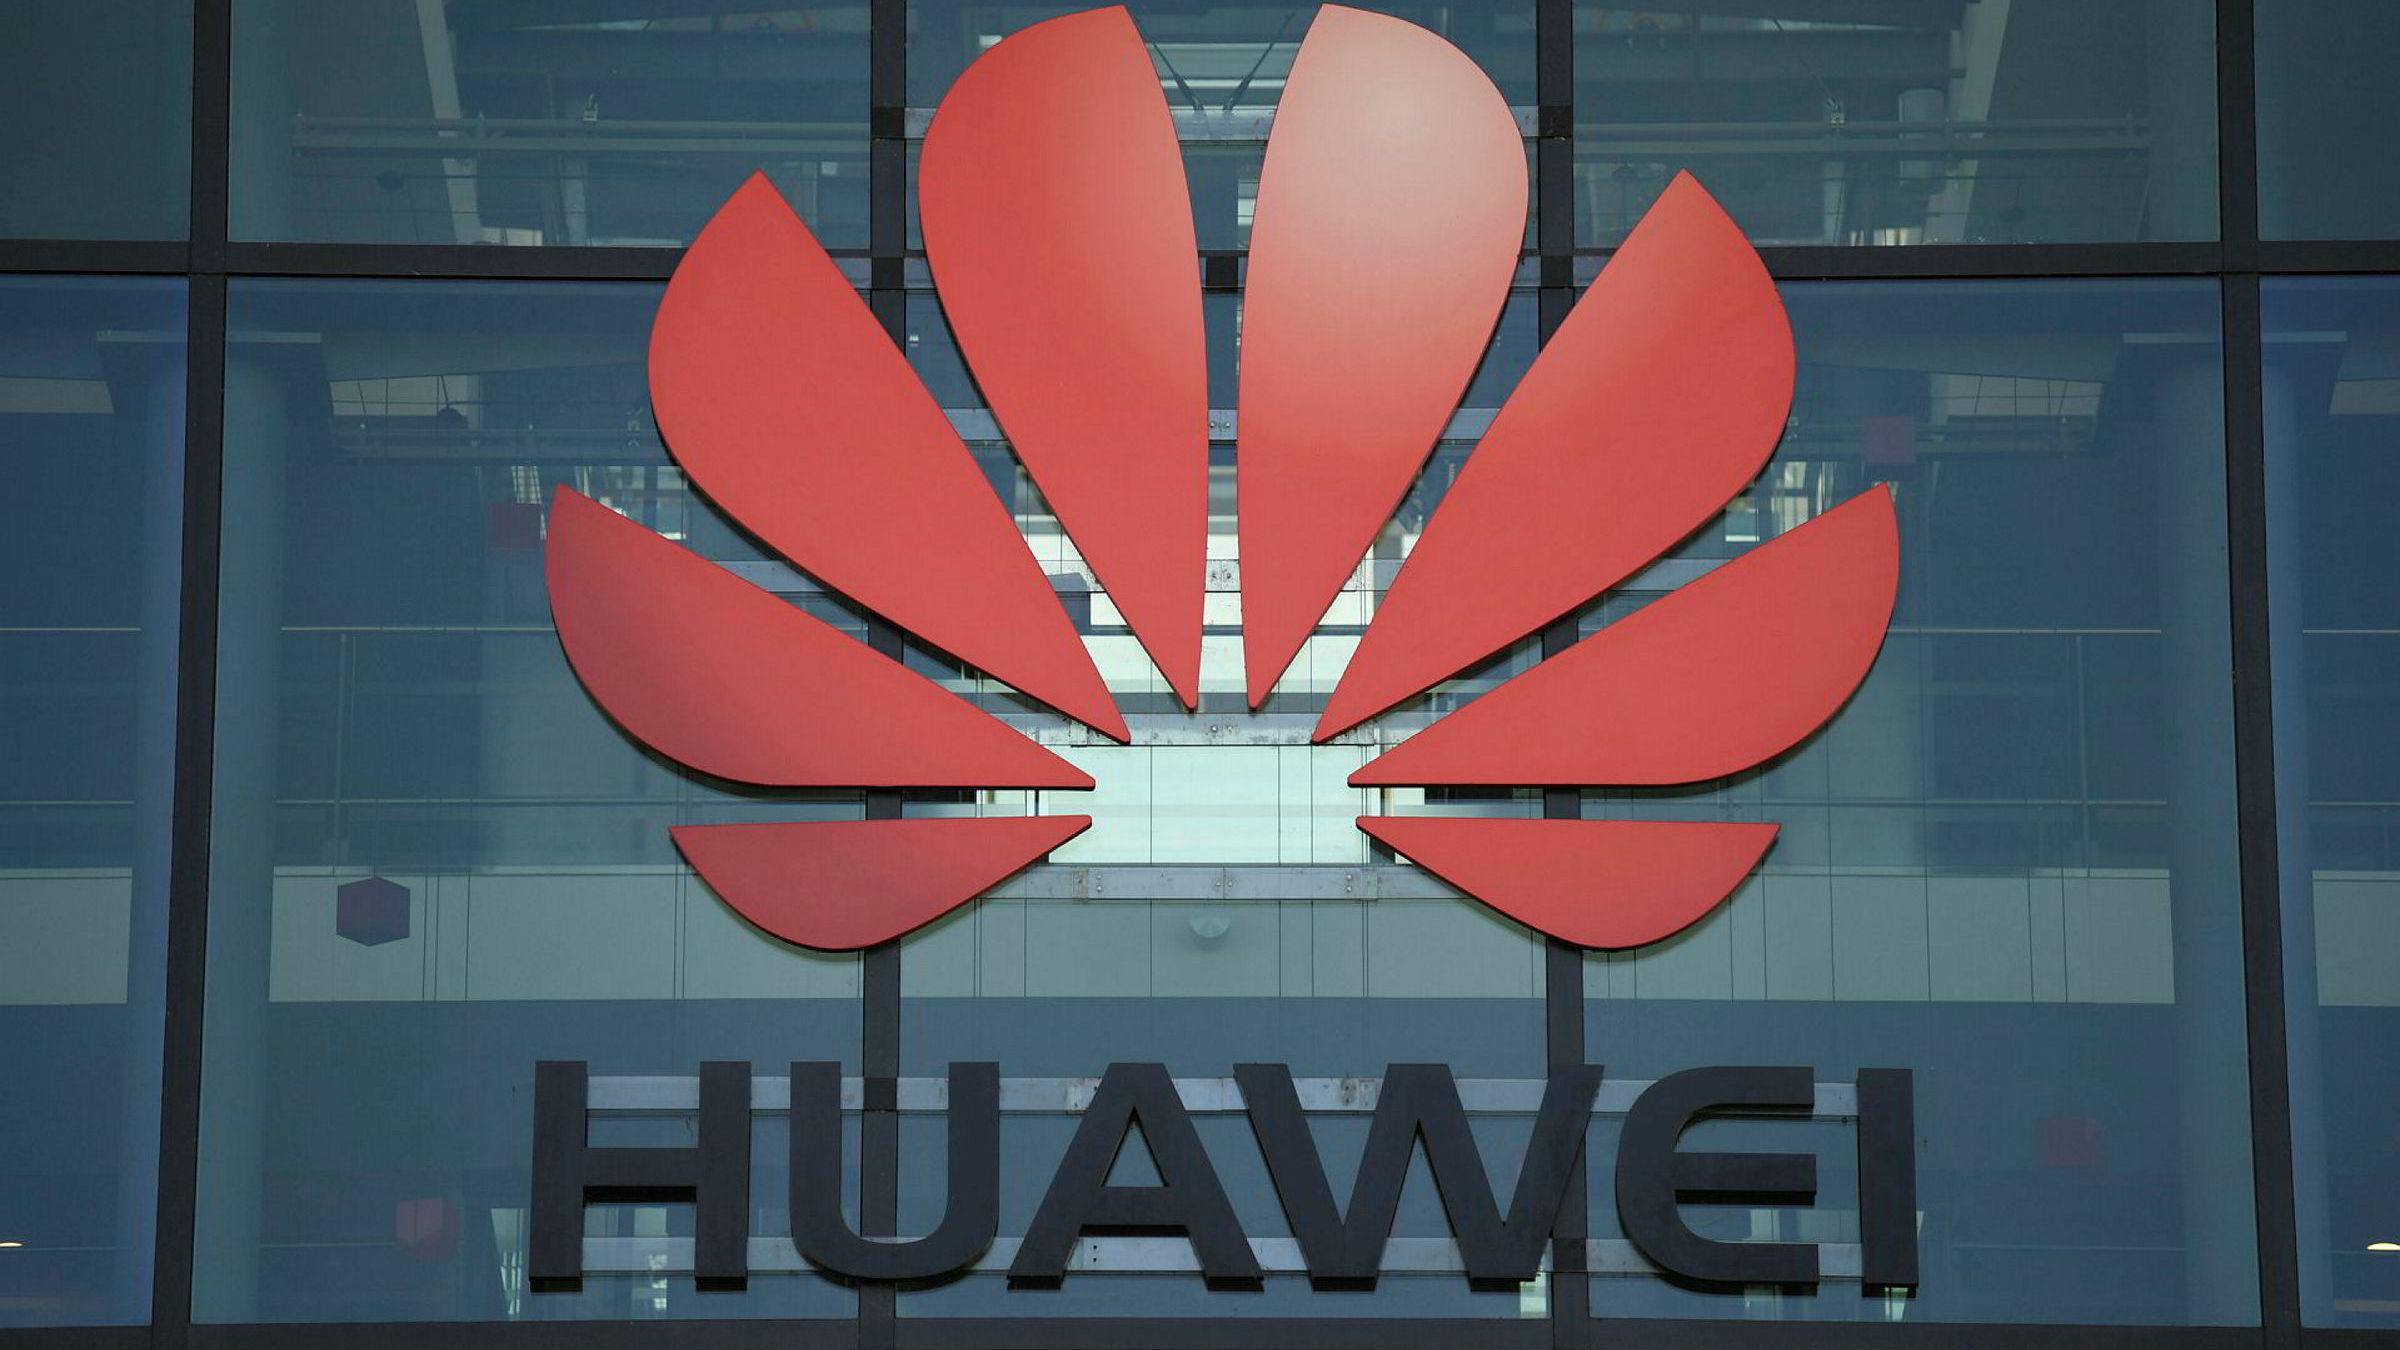 Det er kartlagt utbredt skepsis til kinesiske investeringer i Norge og Norden. Huawei tapte i konkurranse med Ericsson i utbygging av 5G i Norge.